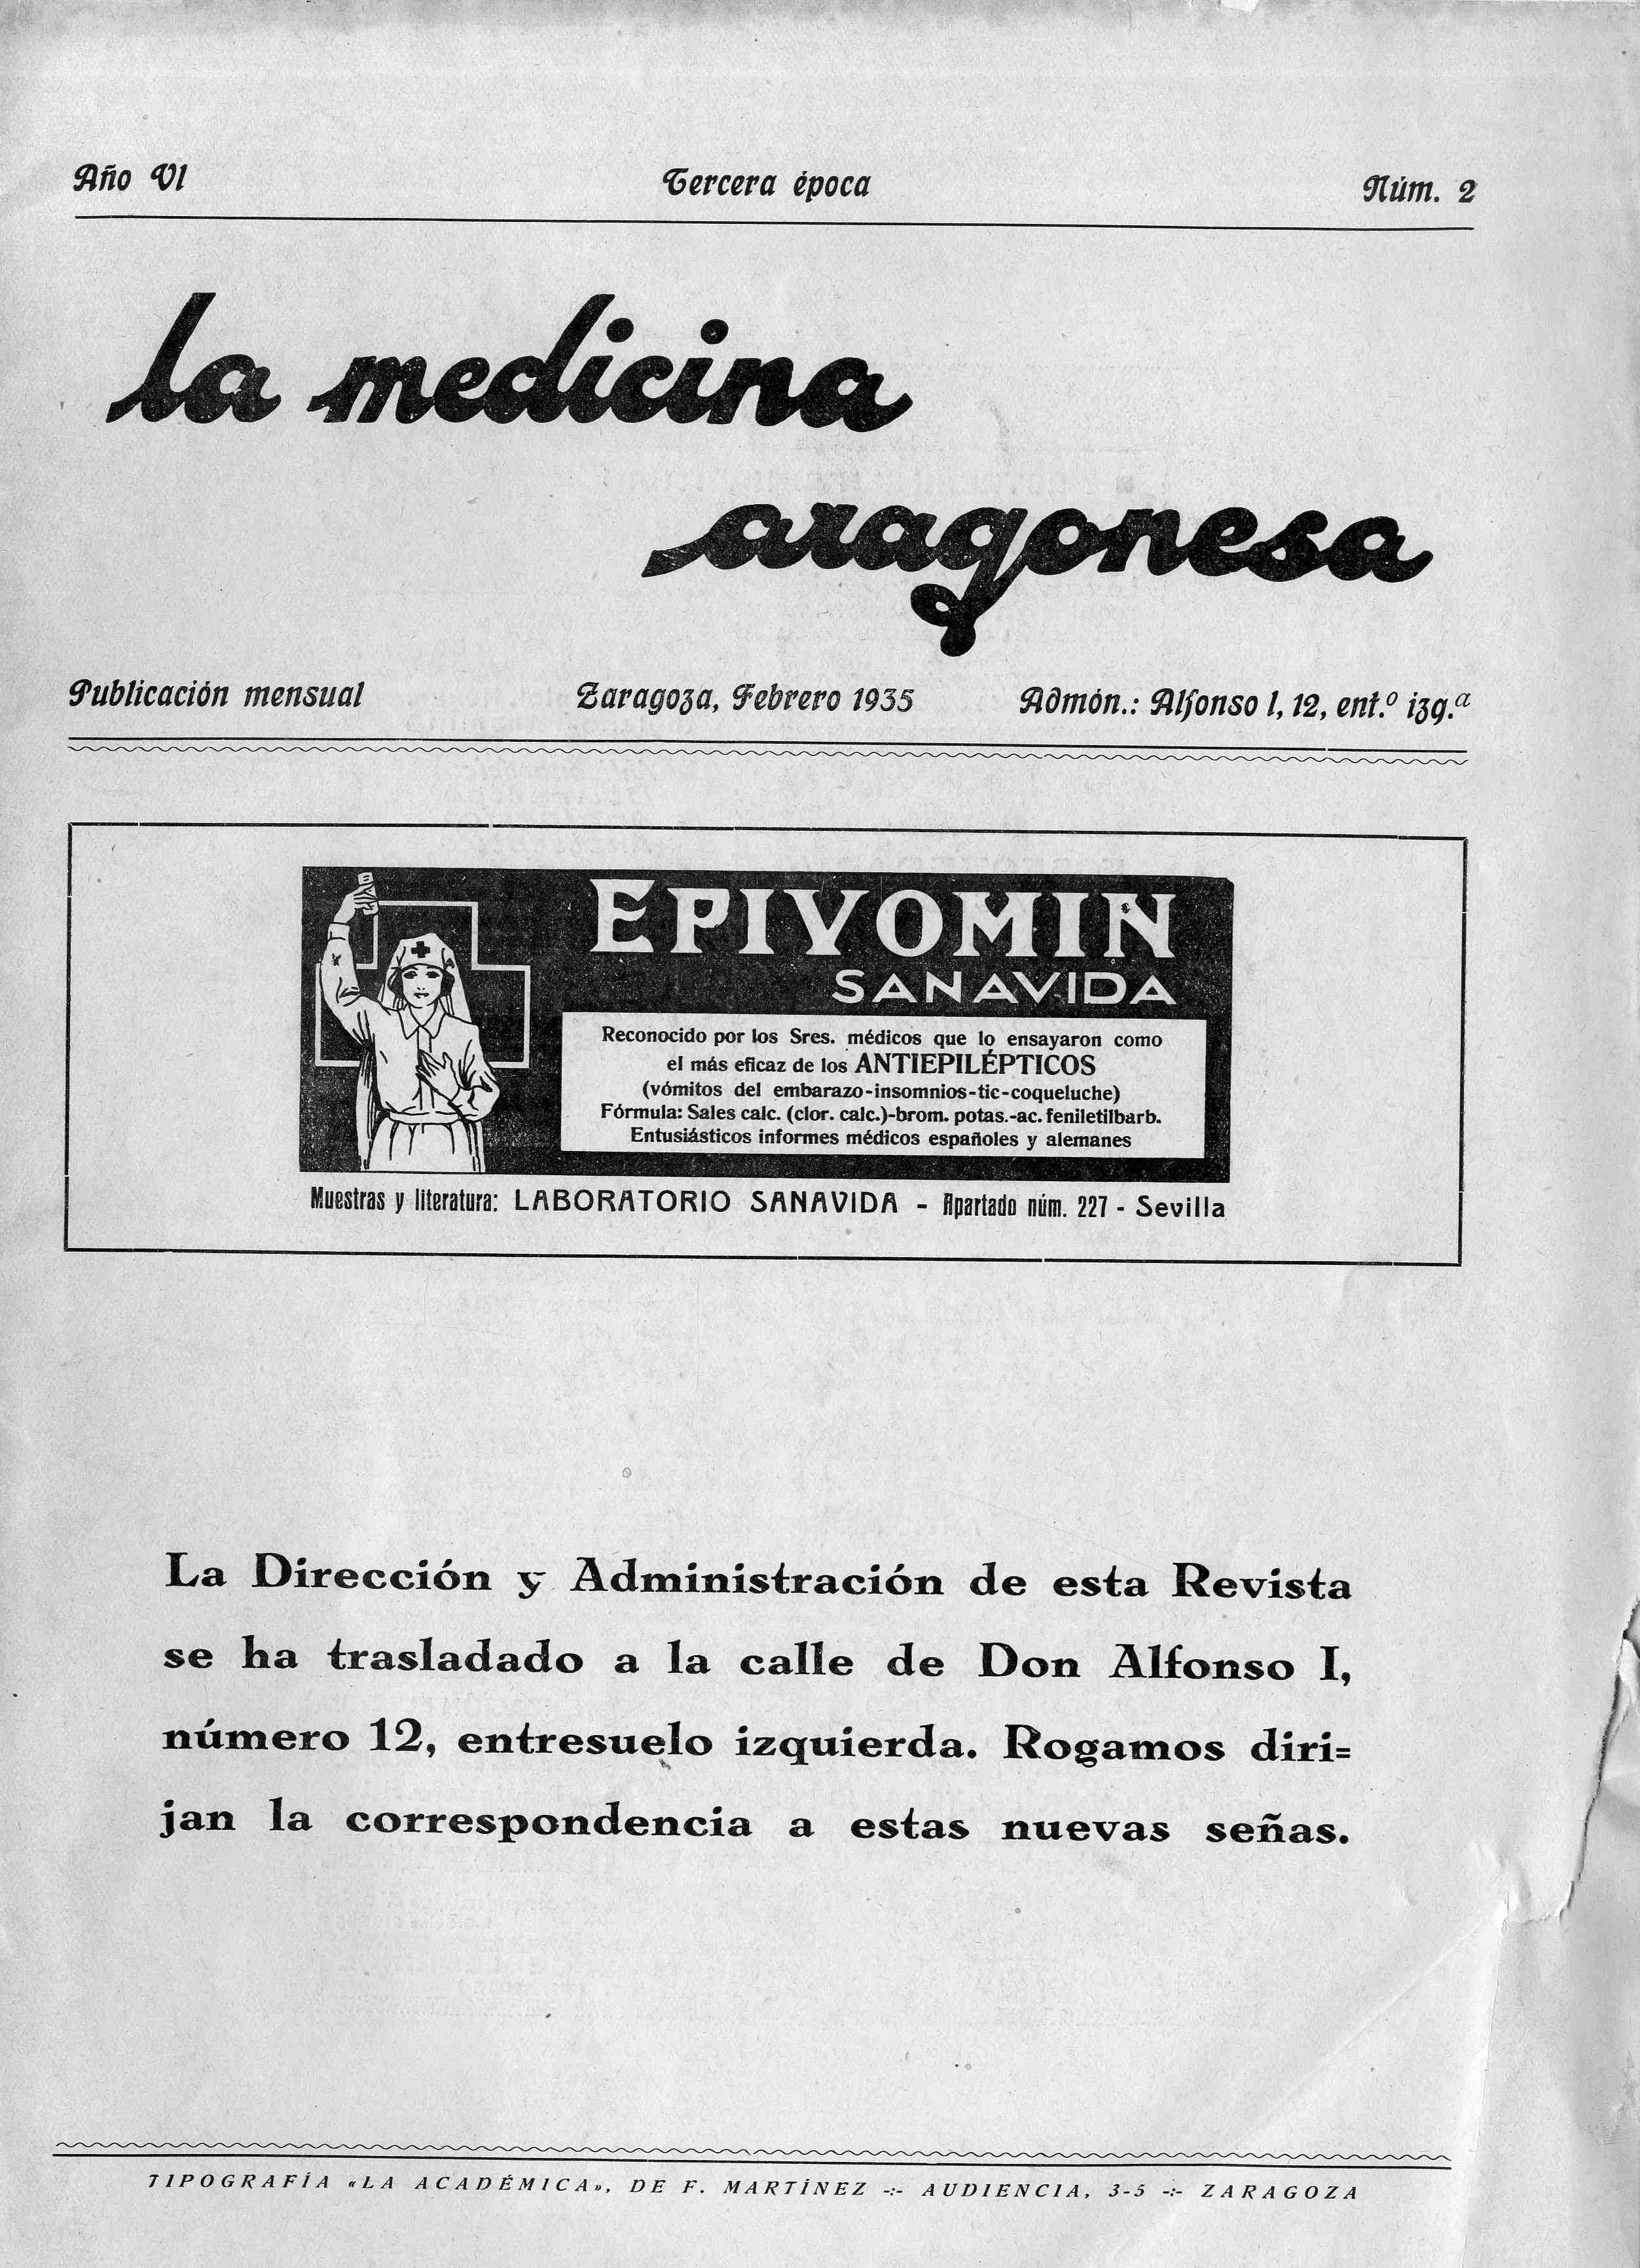 La medicina aragonesa, 3ª ép., Año  6, n. 2, (1935)